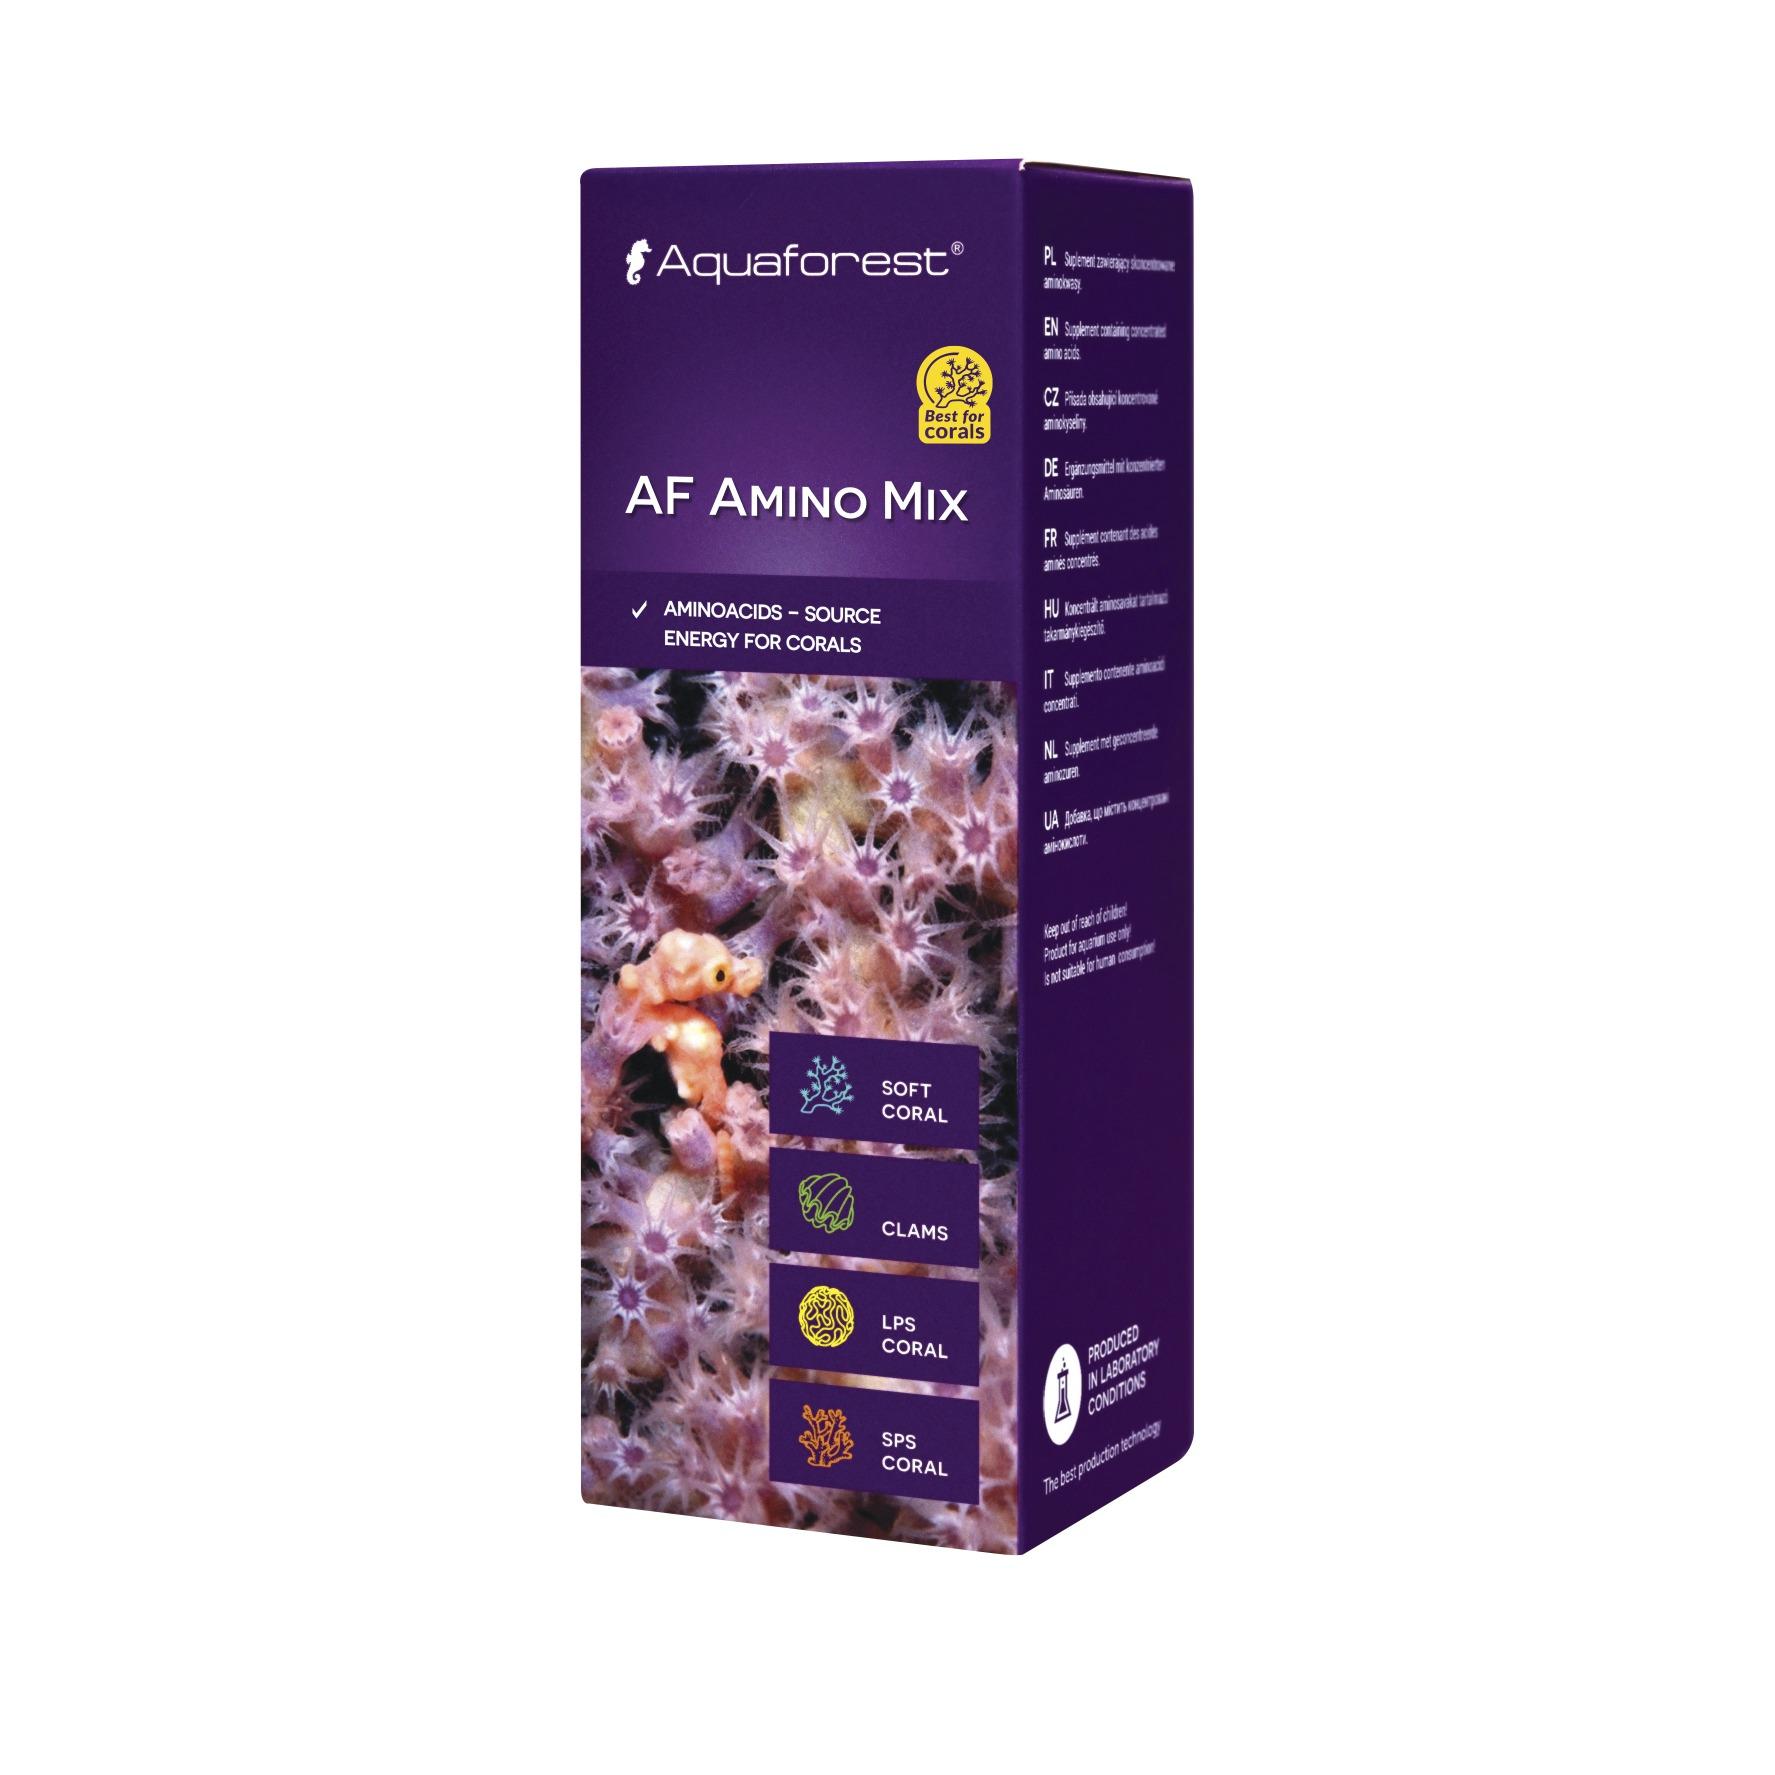 AQUAFOREST AF Amino Mix 10 ml concentré d\'acides aminés pour coraux permettant d\'augmenter leur coloration et leur résistance aux maladies